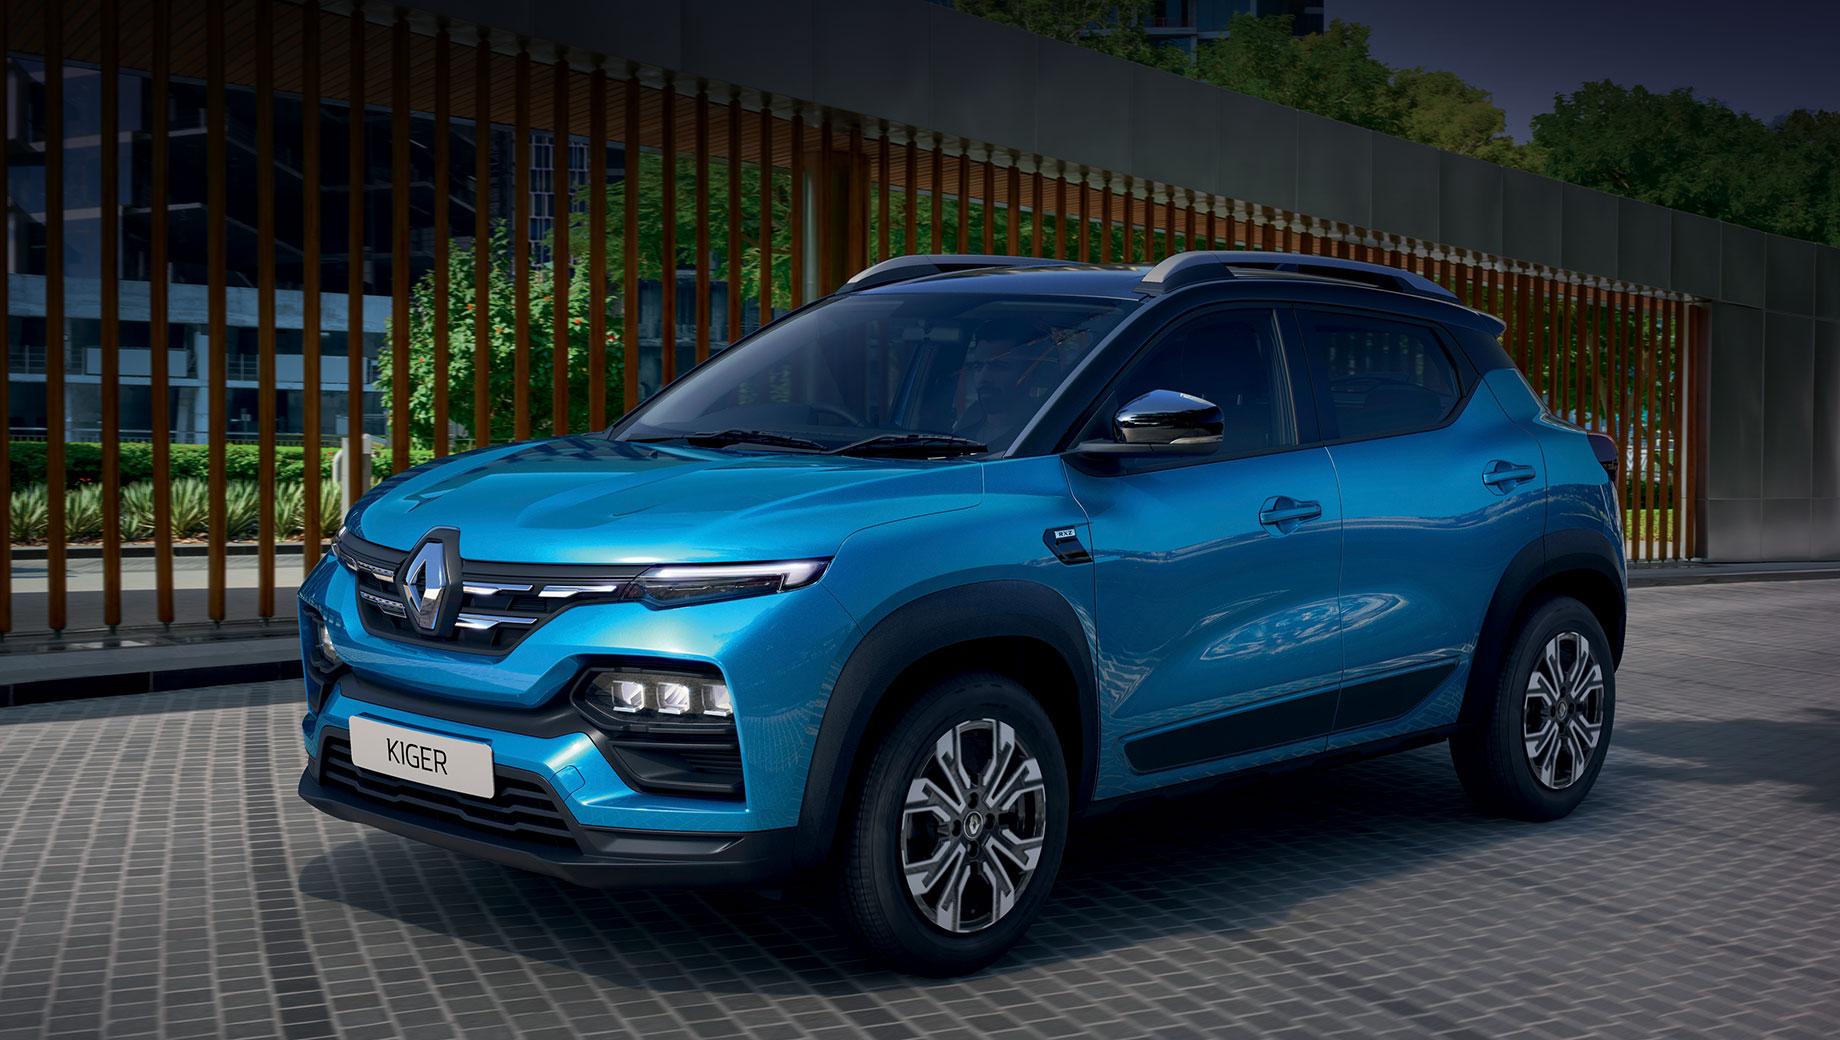 Серийный Renault Kiger во многом повторил микровэн Triber